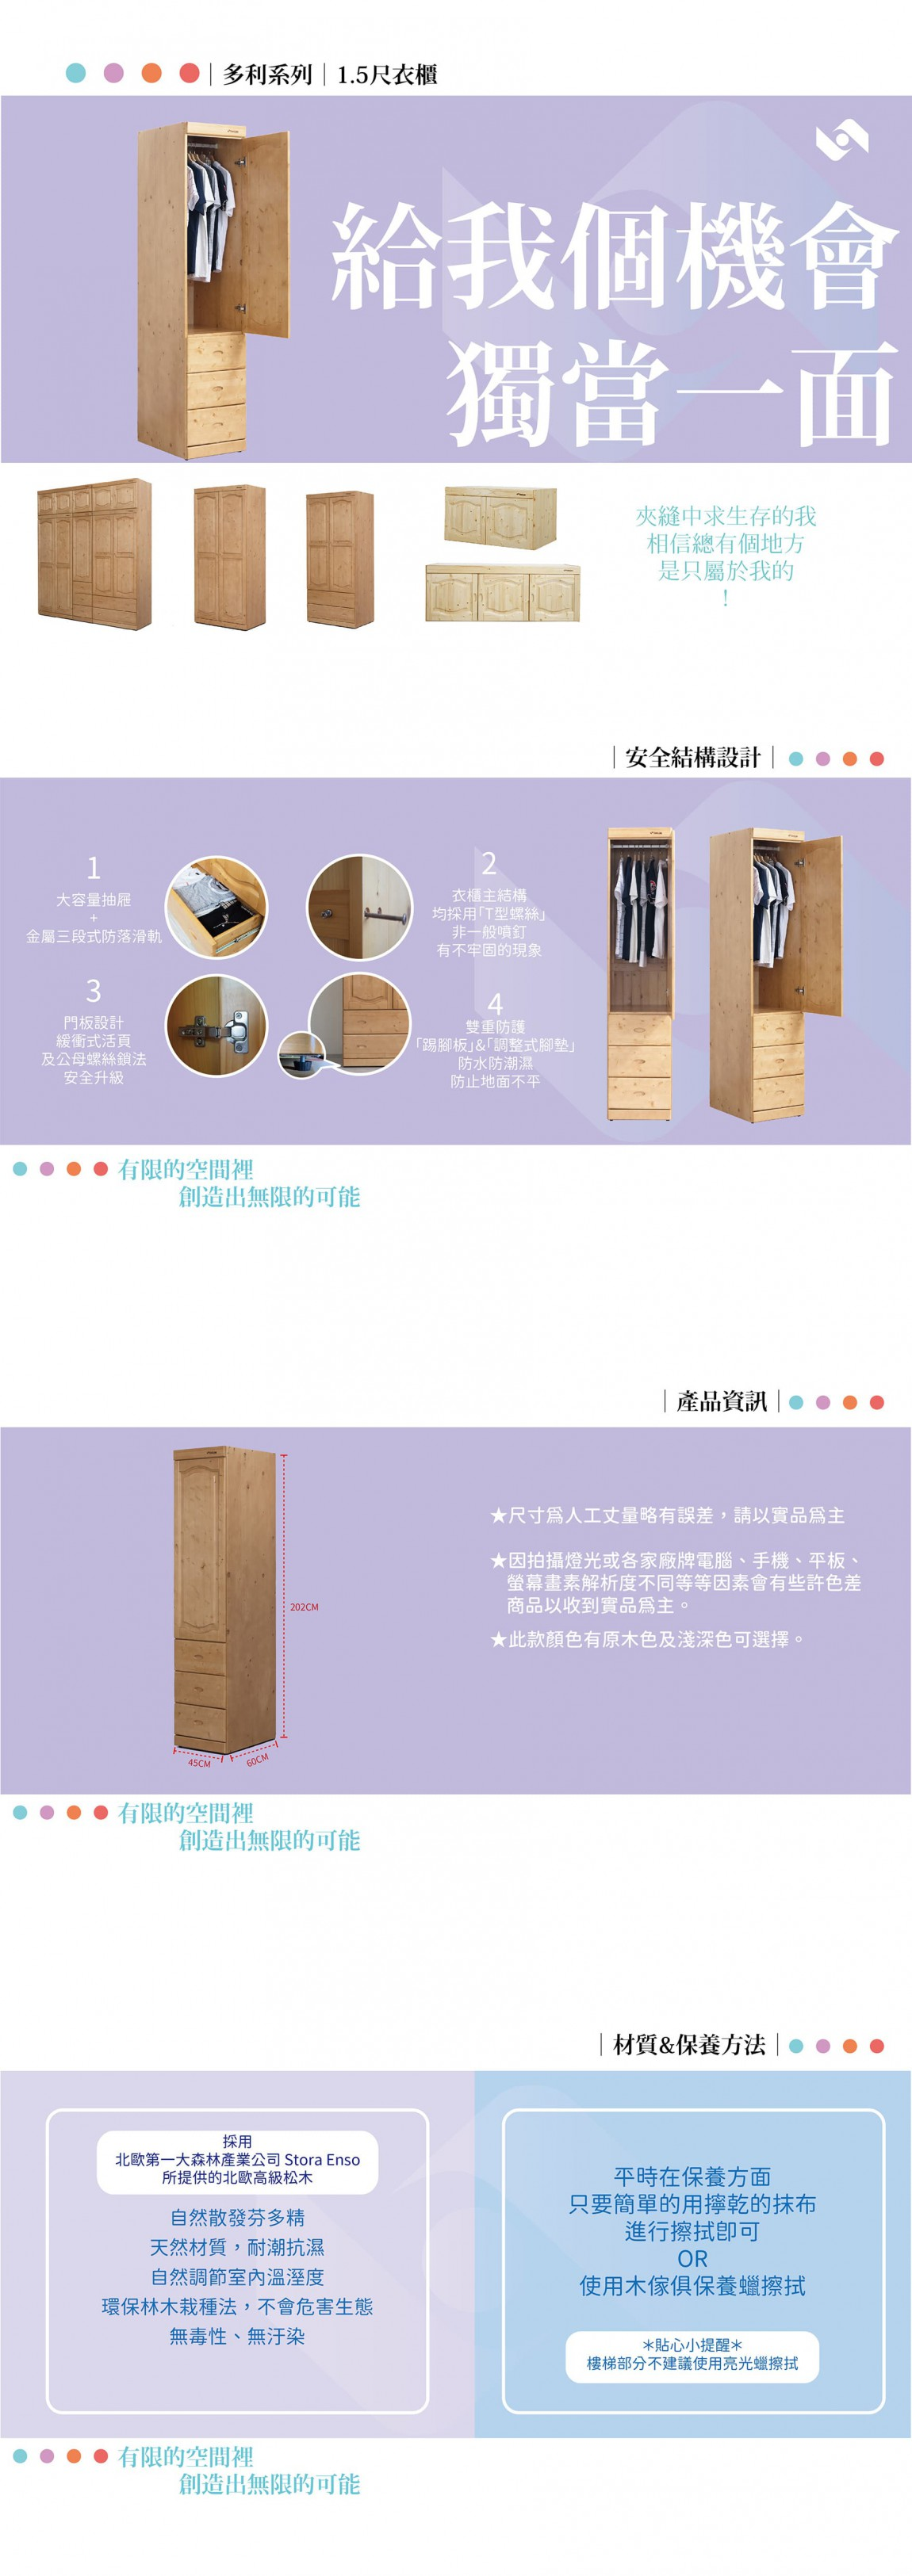 多利1.5尺衣櫃 商品介紹-min